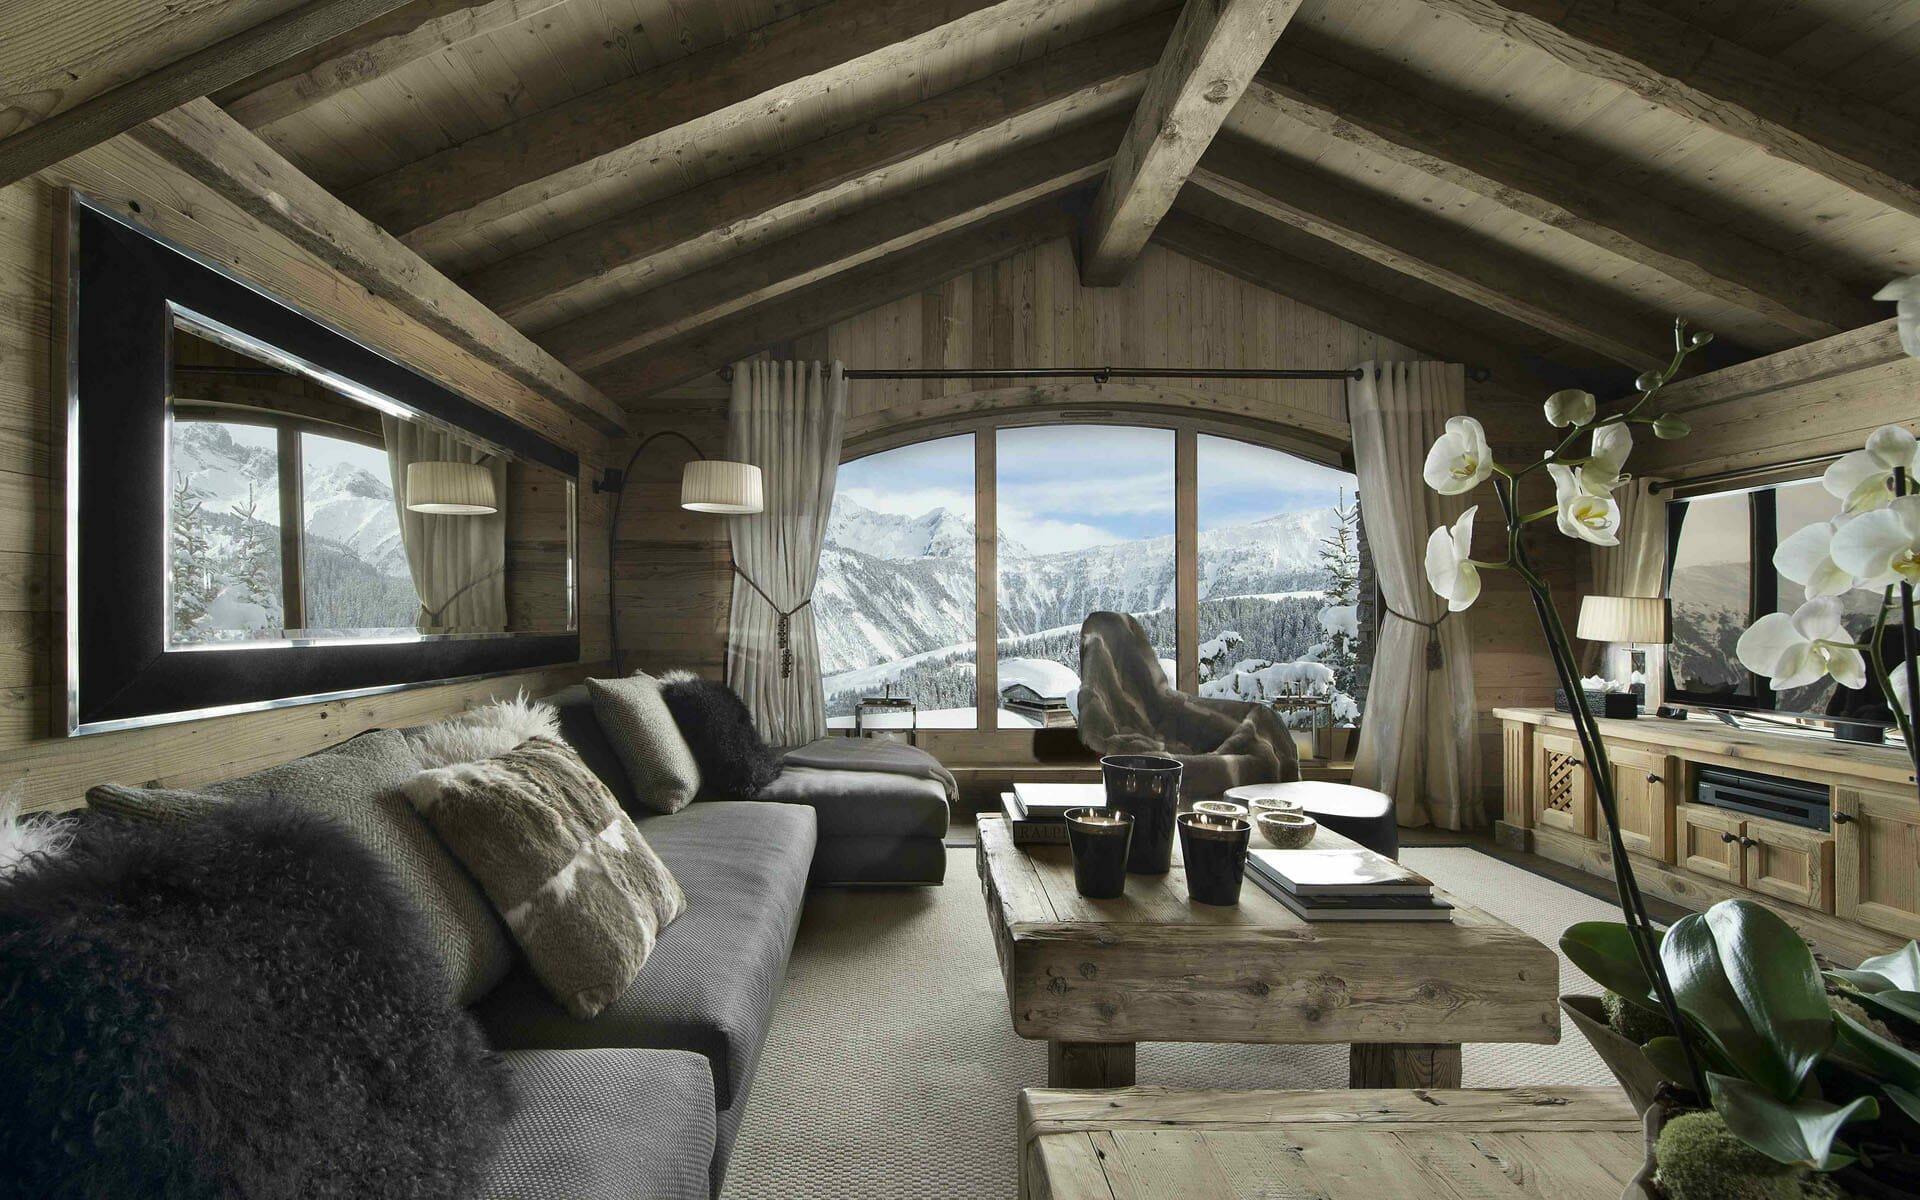 Cozy cabin winter home decor